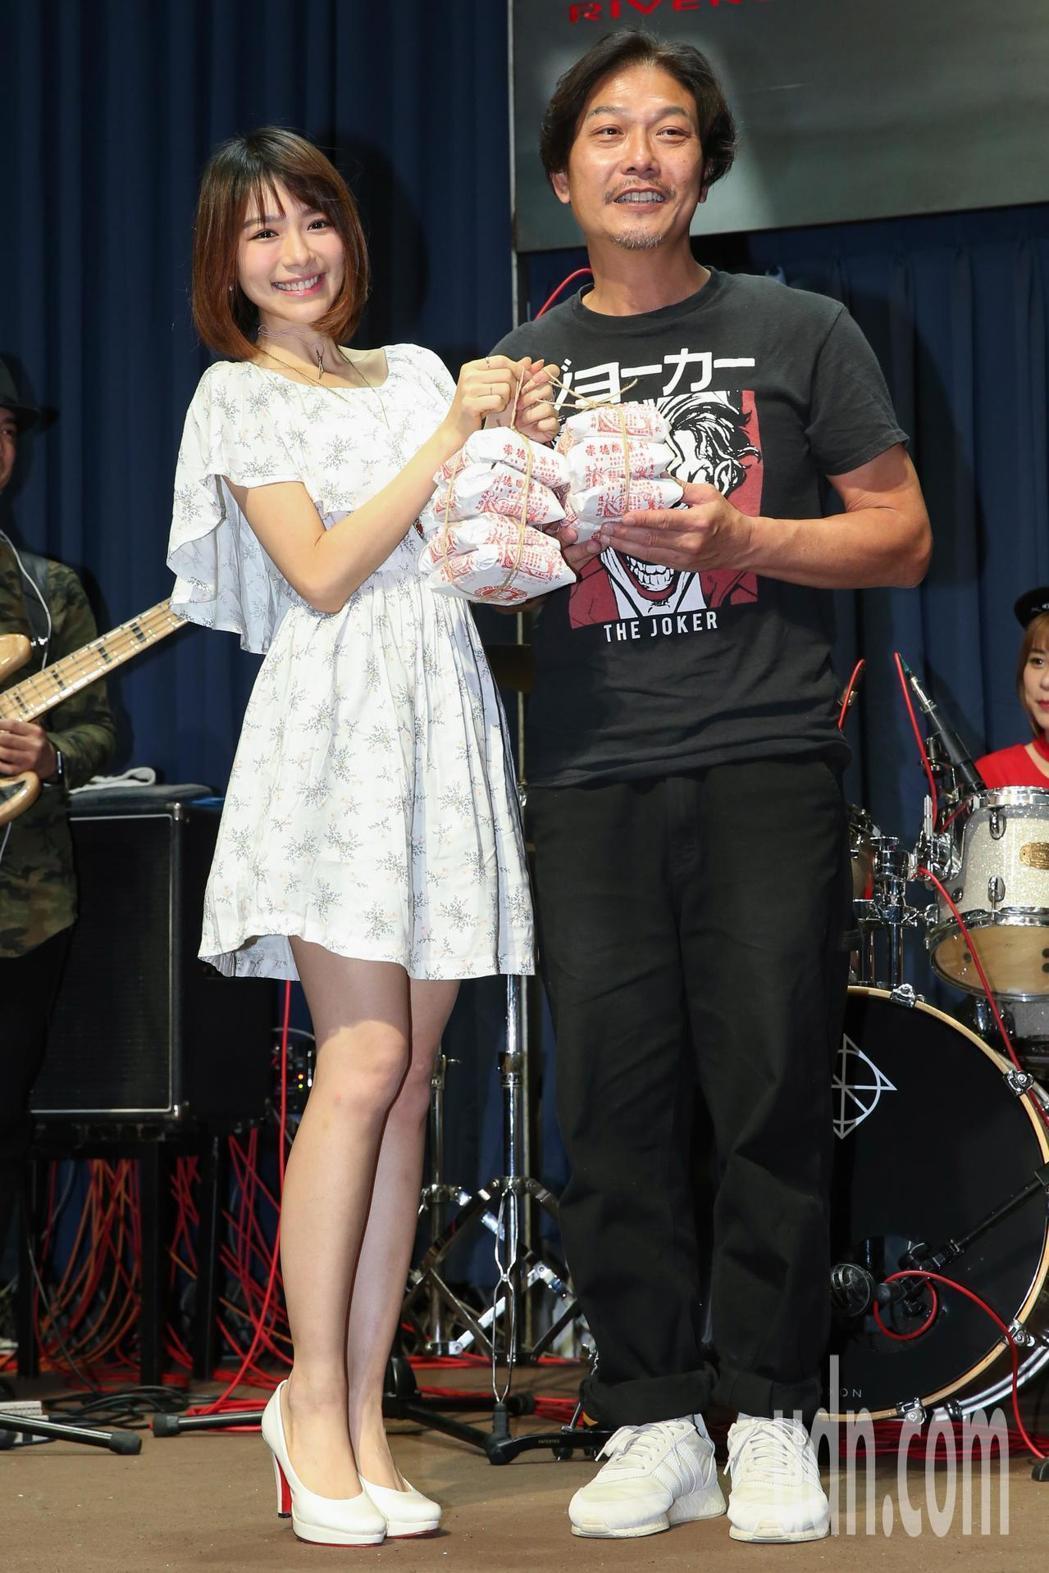 港星錢小豪(右)今天要舉辦個人首場演唱會,但因先前環島說了太多話導致嗓子沙啞,下